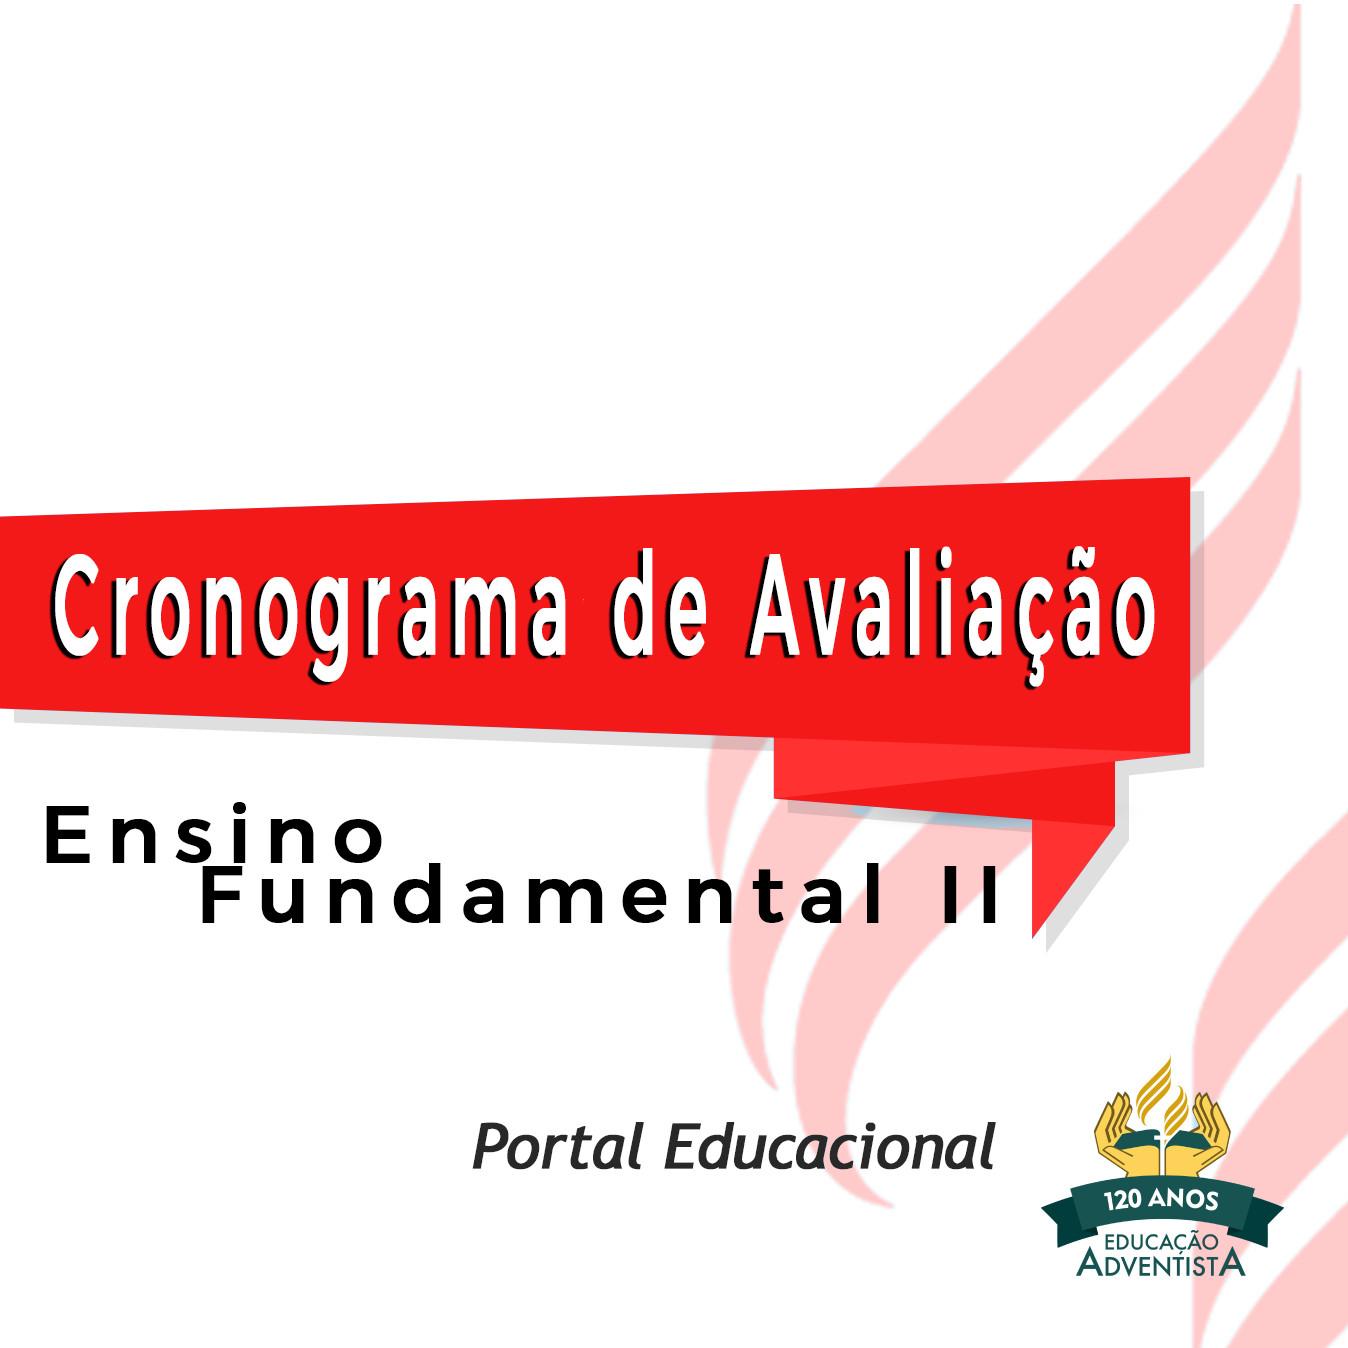 Cronograma de Avaliação - Ensino Fundamental II